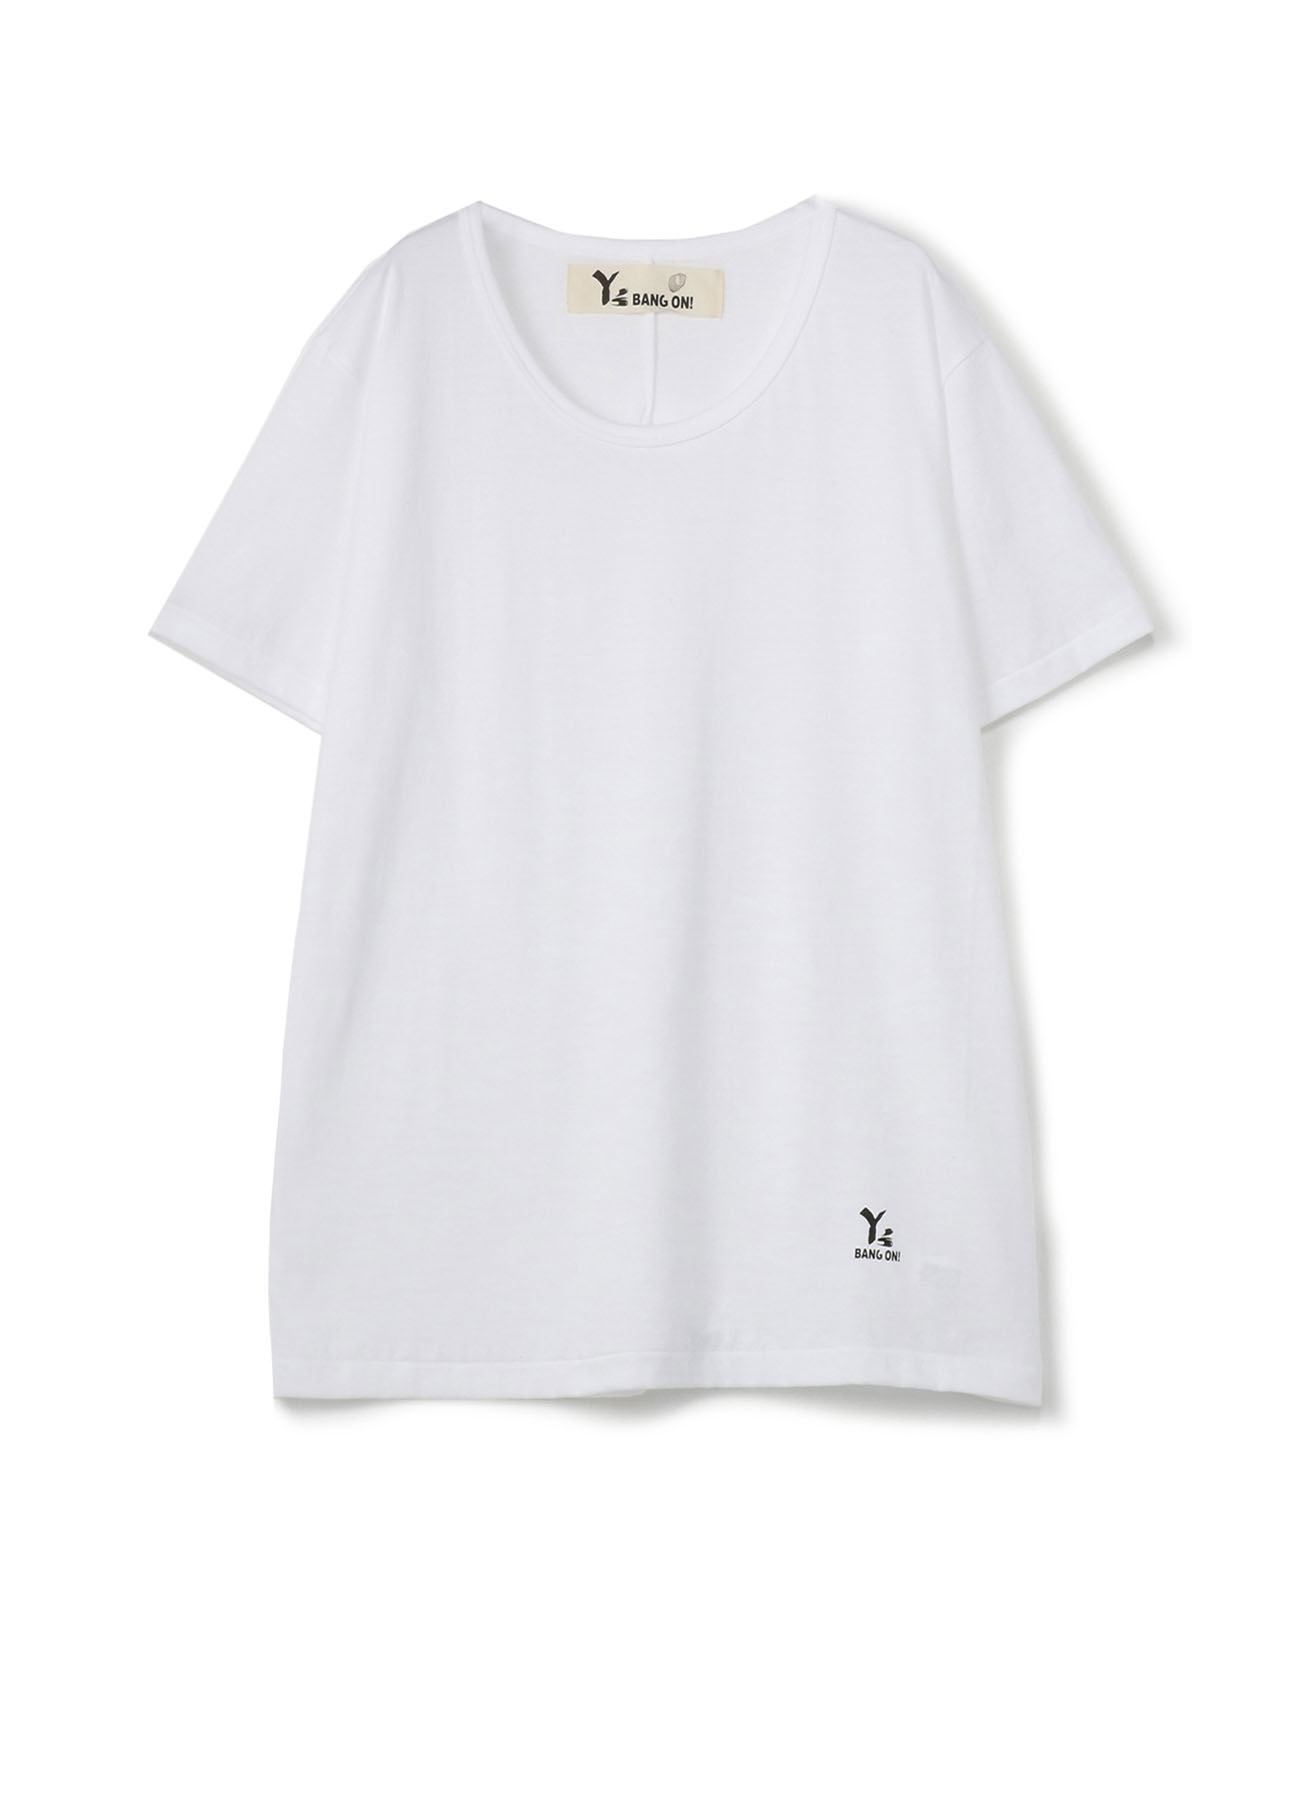 BANG ON!U领短袖T恤